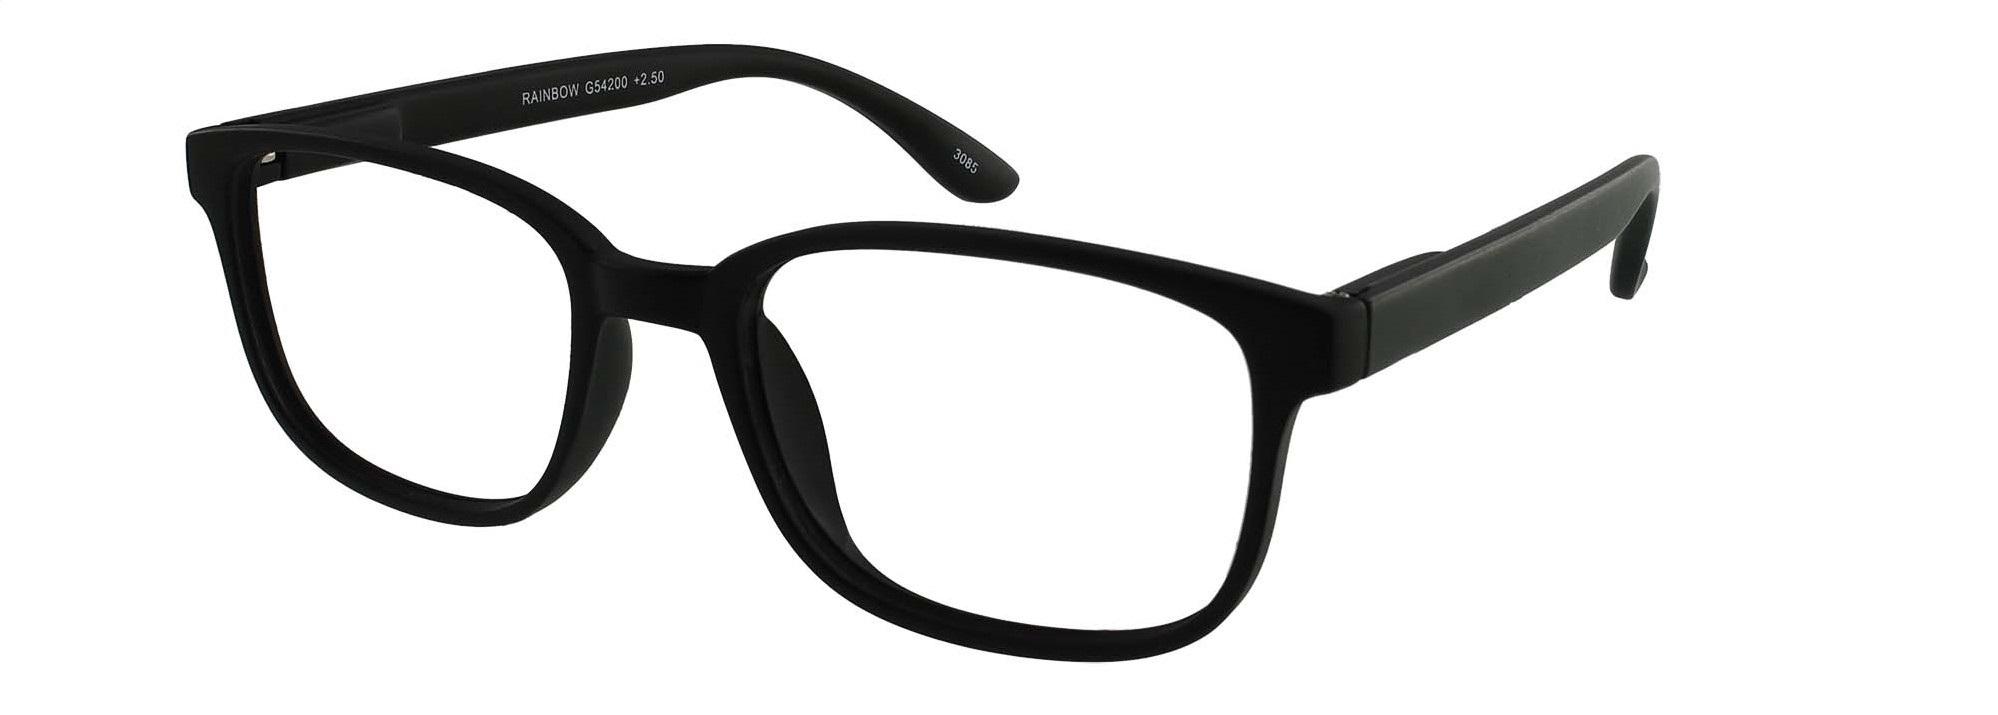 ,Leesbril +2.50 regenboog zwart